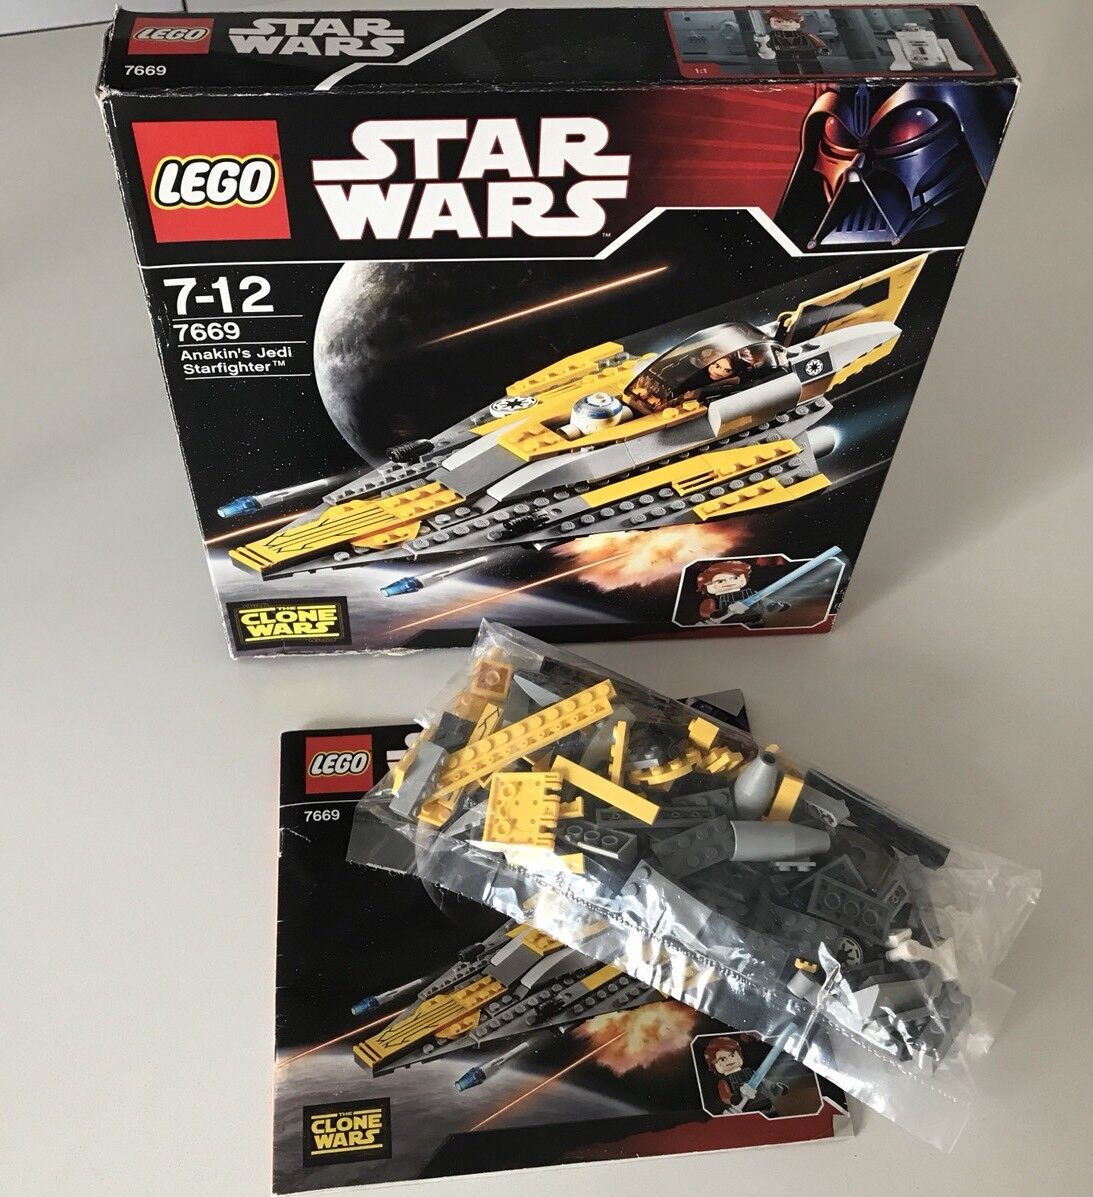 LEGI STAR WARS 7669 Anakins's Jedi Starfighter